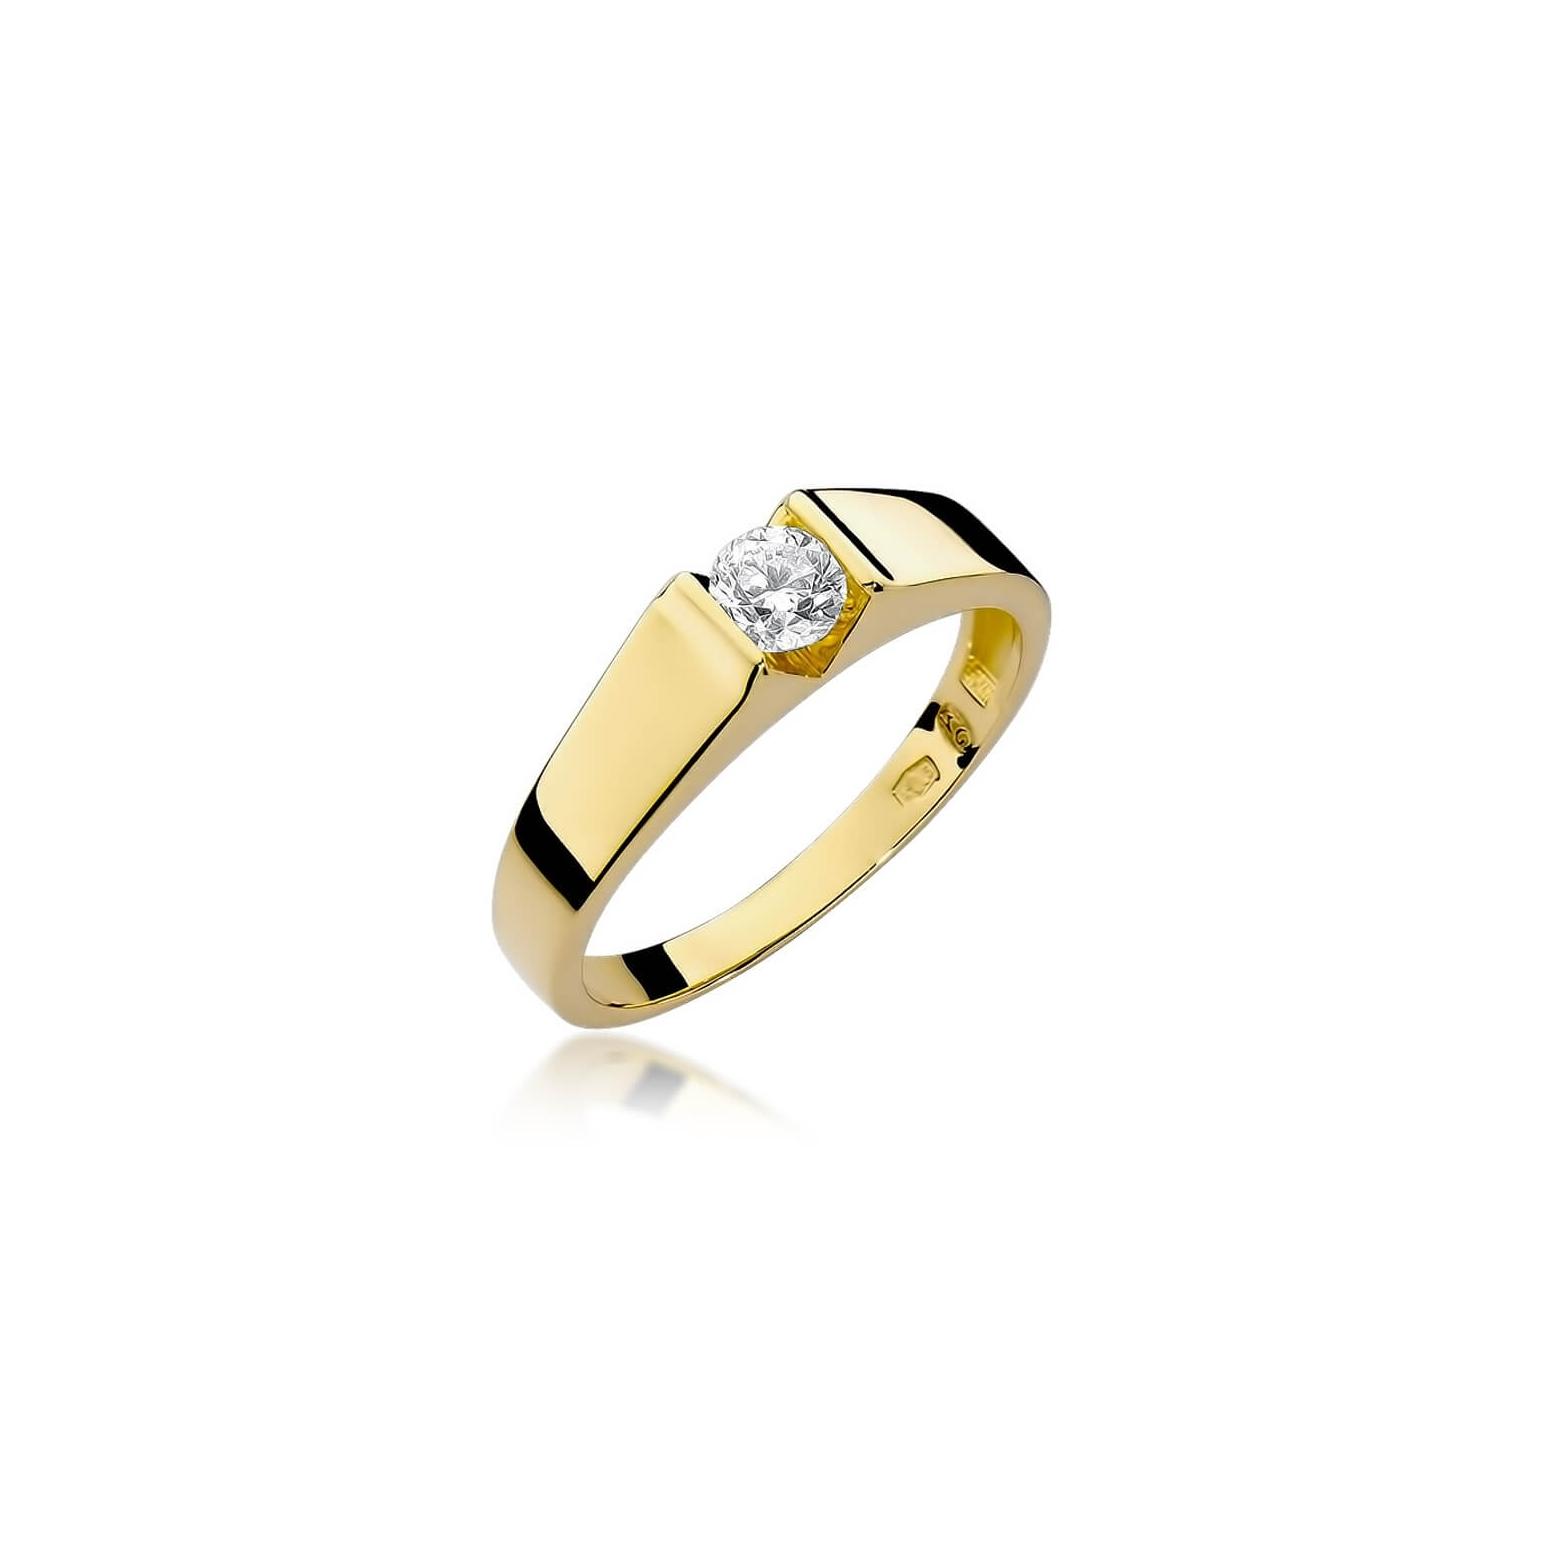 dd0f6572331fbb Złoty pierścionek z diamentem EY-33 0,30ct | ERgold